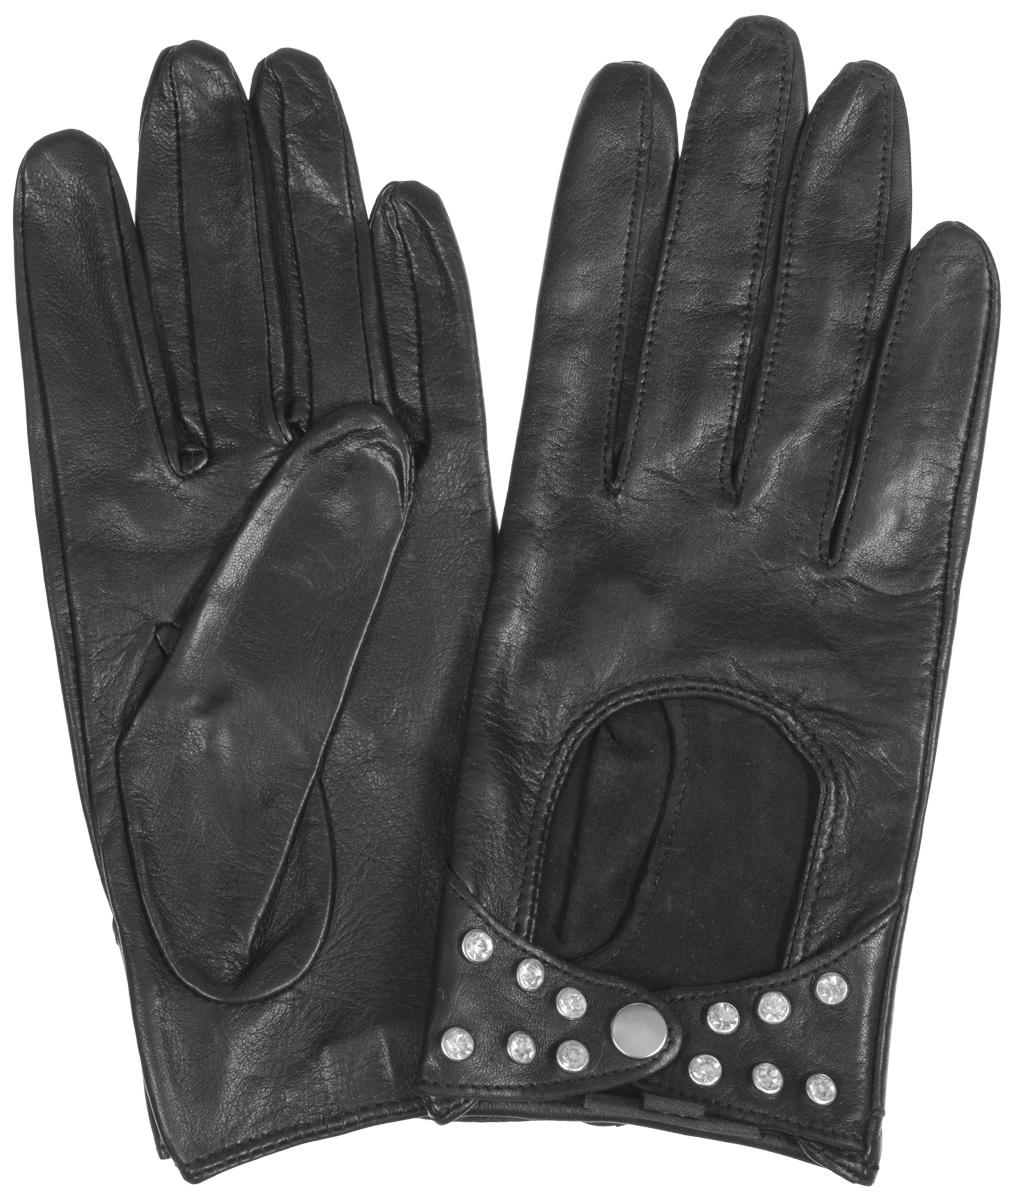 Перчатки женские Eleganzza, цвет: черный. HP02751. Размер 6.5HP02751Стильные женские перчатки Eleganzza не только защитят ваши руки от холода, но и станут великолепным украшением. Перчатки выполнены из чрезвычайно мягкой и приятной на ощупь натуральной кожи. Лицевая сторона перчаток на запястье застегивается хлястиками на кнопку, декорирована металлическими клепками. В настоящее время перчатки являются неотъемлемой принадлежностью одежды, вместе с этим аксессуаром вы обретаете женственность и элегантность. Перчатки станут завершающим и подчеркивающим элементом вашего стиля и неповторимости.